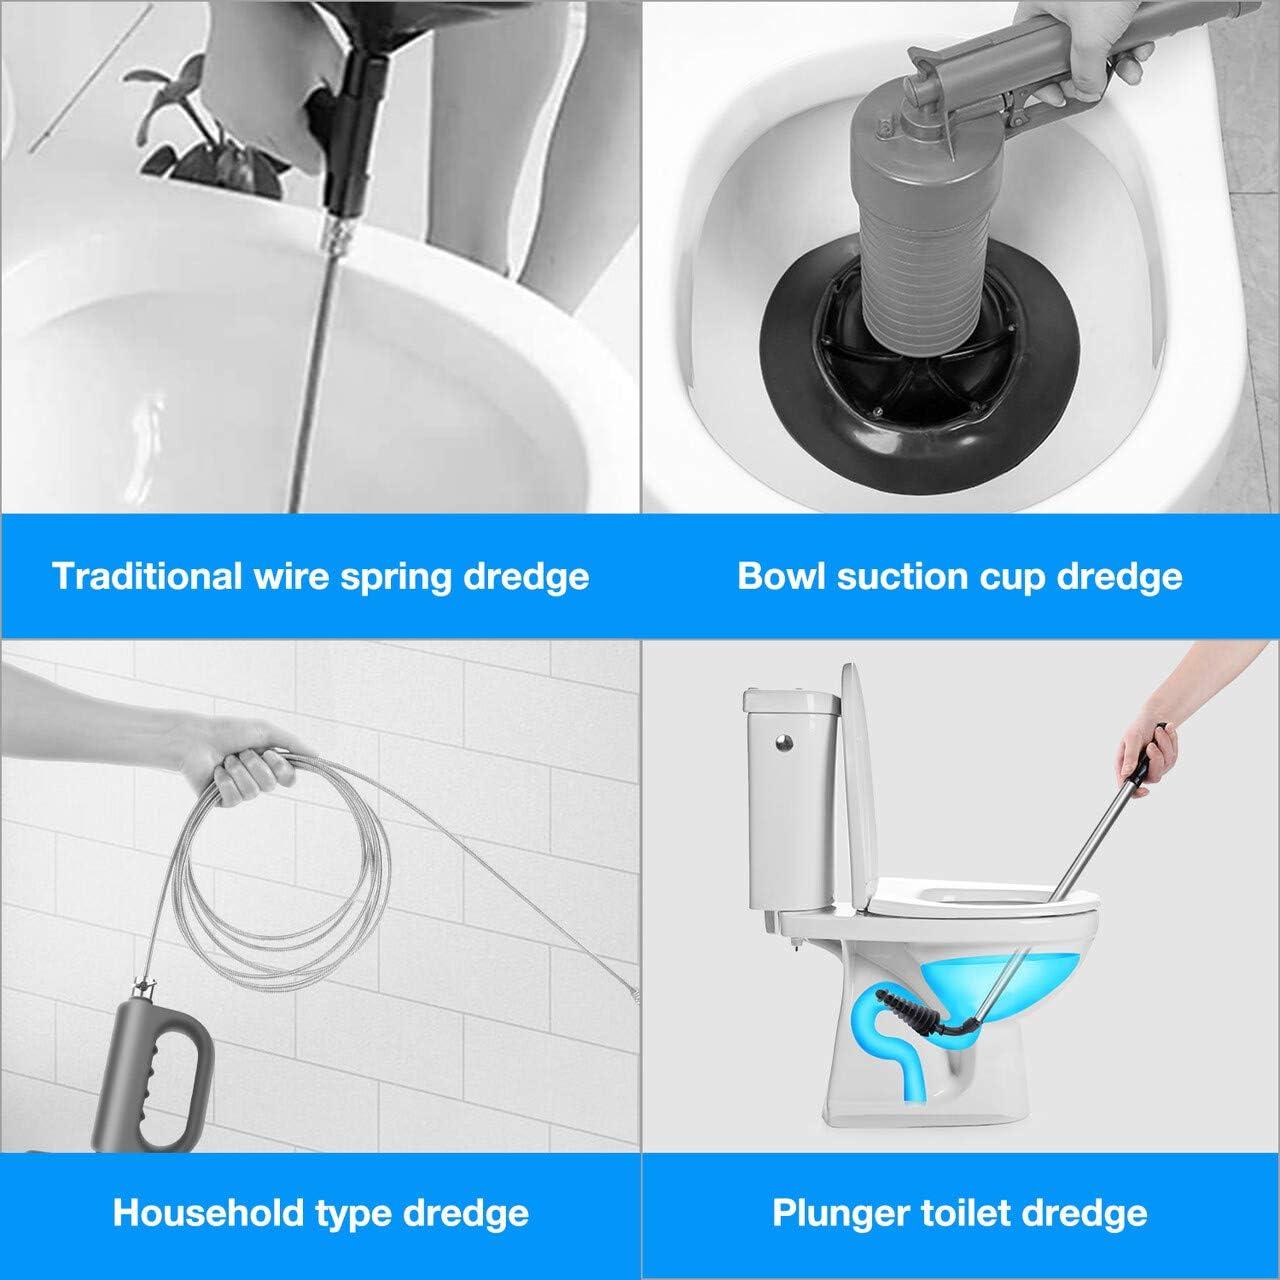 Toilette P/ömpel WC P/ümpel Reinigungsb/ürste Rohrreiniger Abflussreiniger WC Plunger mit Wand Haken f/ür alle Verstopfte Blockaden Toilette